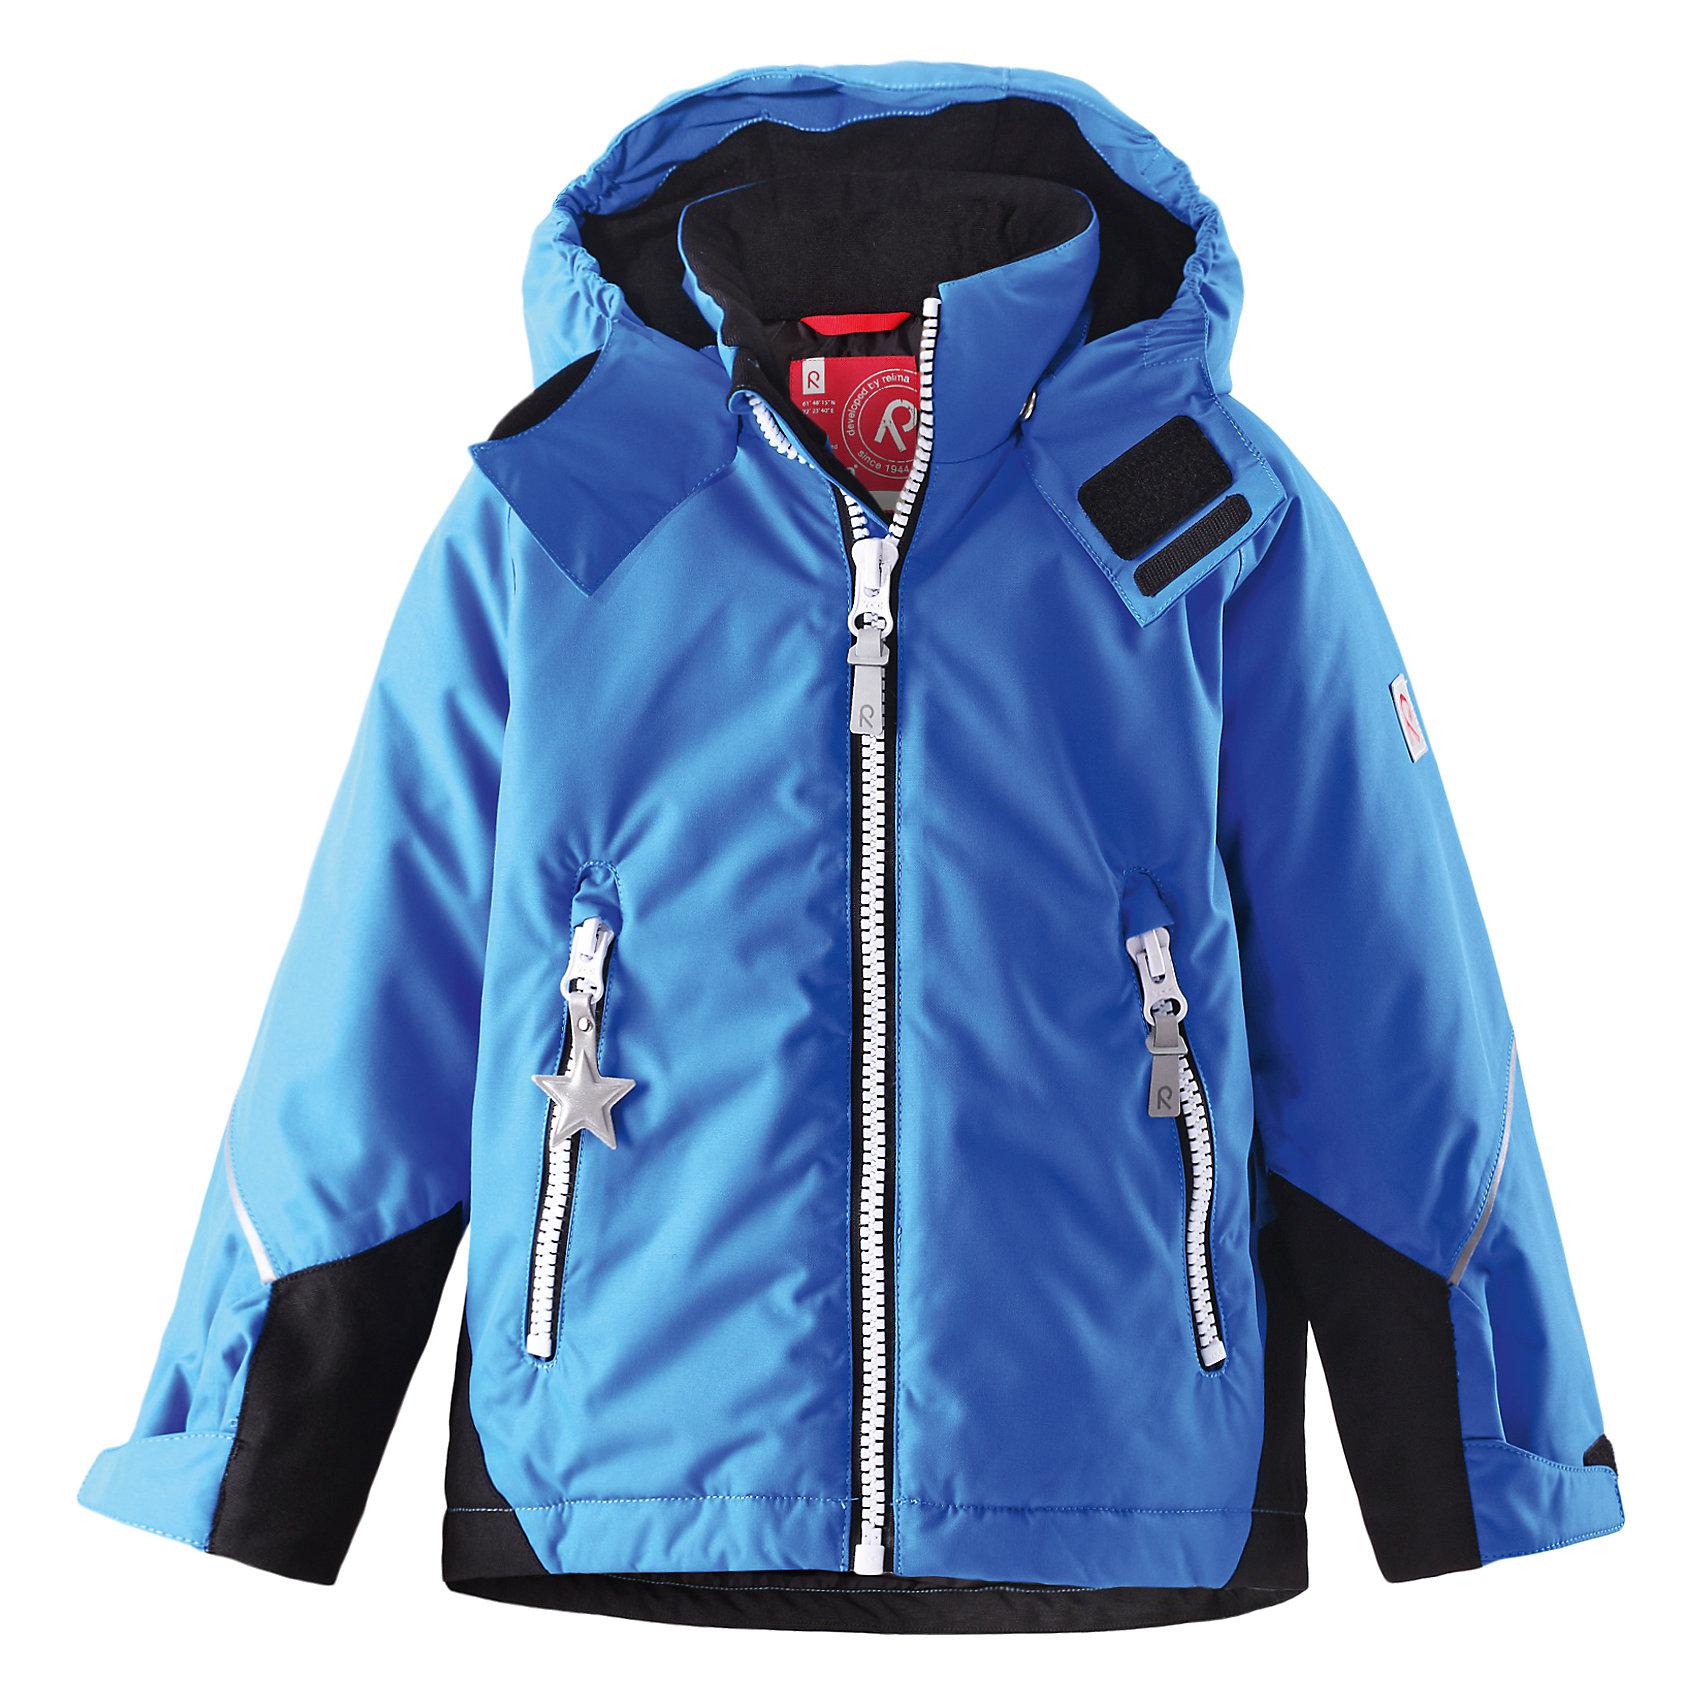 Куртка Kiddo  ReimaОдежда<br>Характеристики товара:<br><br>• цвет: синий<br>• состав: 100% полиэстер, полиуретановое покрытие<br>• температурный режим: 0° до -20° градусов<br>• утеплитель: 160 г<br>• водонепроницаемая мембрана: от 5000 мм<br>• основные швы проклеены<br>• съёмный капюшон<br>• молния<br>• светоотражающие детали<br>• «дышащий» материал<br>• ветро- водо- и грязеотталкивающий материал<br>• кнопки Reima® Play Layers <br>• карманы<br>• комфортная посадка<br>• страна производства: Китай<br>• страна бренда: Финляндия<br><br>Верхняя одежда для детей может быть модной и комфортной одновременно! Эти зимняя куртка поможет обеспечить ребенку комфорт и тепло. Она отлично смотрится с различной одеждой и обувью. Изделие удобно сидит и модно выглядит. Стильный дизайн разрабатывался специально для детей. Отличный вариант для активного отдыха зимой!<br><br>Одежда и обувь от финского бренда Reima пользуется популярностью во многих странах. Эти изделия стильные, качественные и удобные. Для производства продукции используются только безопасные, проверенные материалы и фурнитура. Порадуйте ребенка модными и красивыми вещами от Reima! <br><br>Куртку Kiddo от финского бренда Reimatec® Reima (Рейма) можно купить в нашем интернет-магазине.<br><br>Ширина мм: 356<br>Глубина мм: 10<br>Высота мм: 245<br>Вес г: 519<br>Цвет: синий<br>Возраст от месяцев: 18<br>Возраст до месяцев: 24<br>Пол: Унисекс<br>Возраст: Детский<br>Размер: 92<br>SKU: 5415496